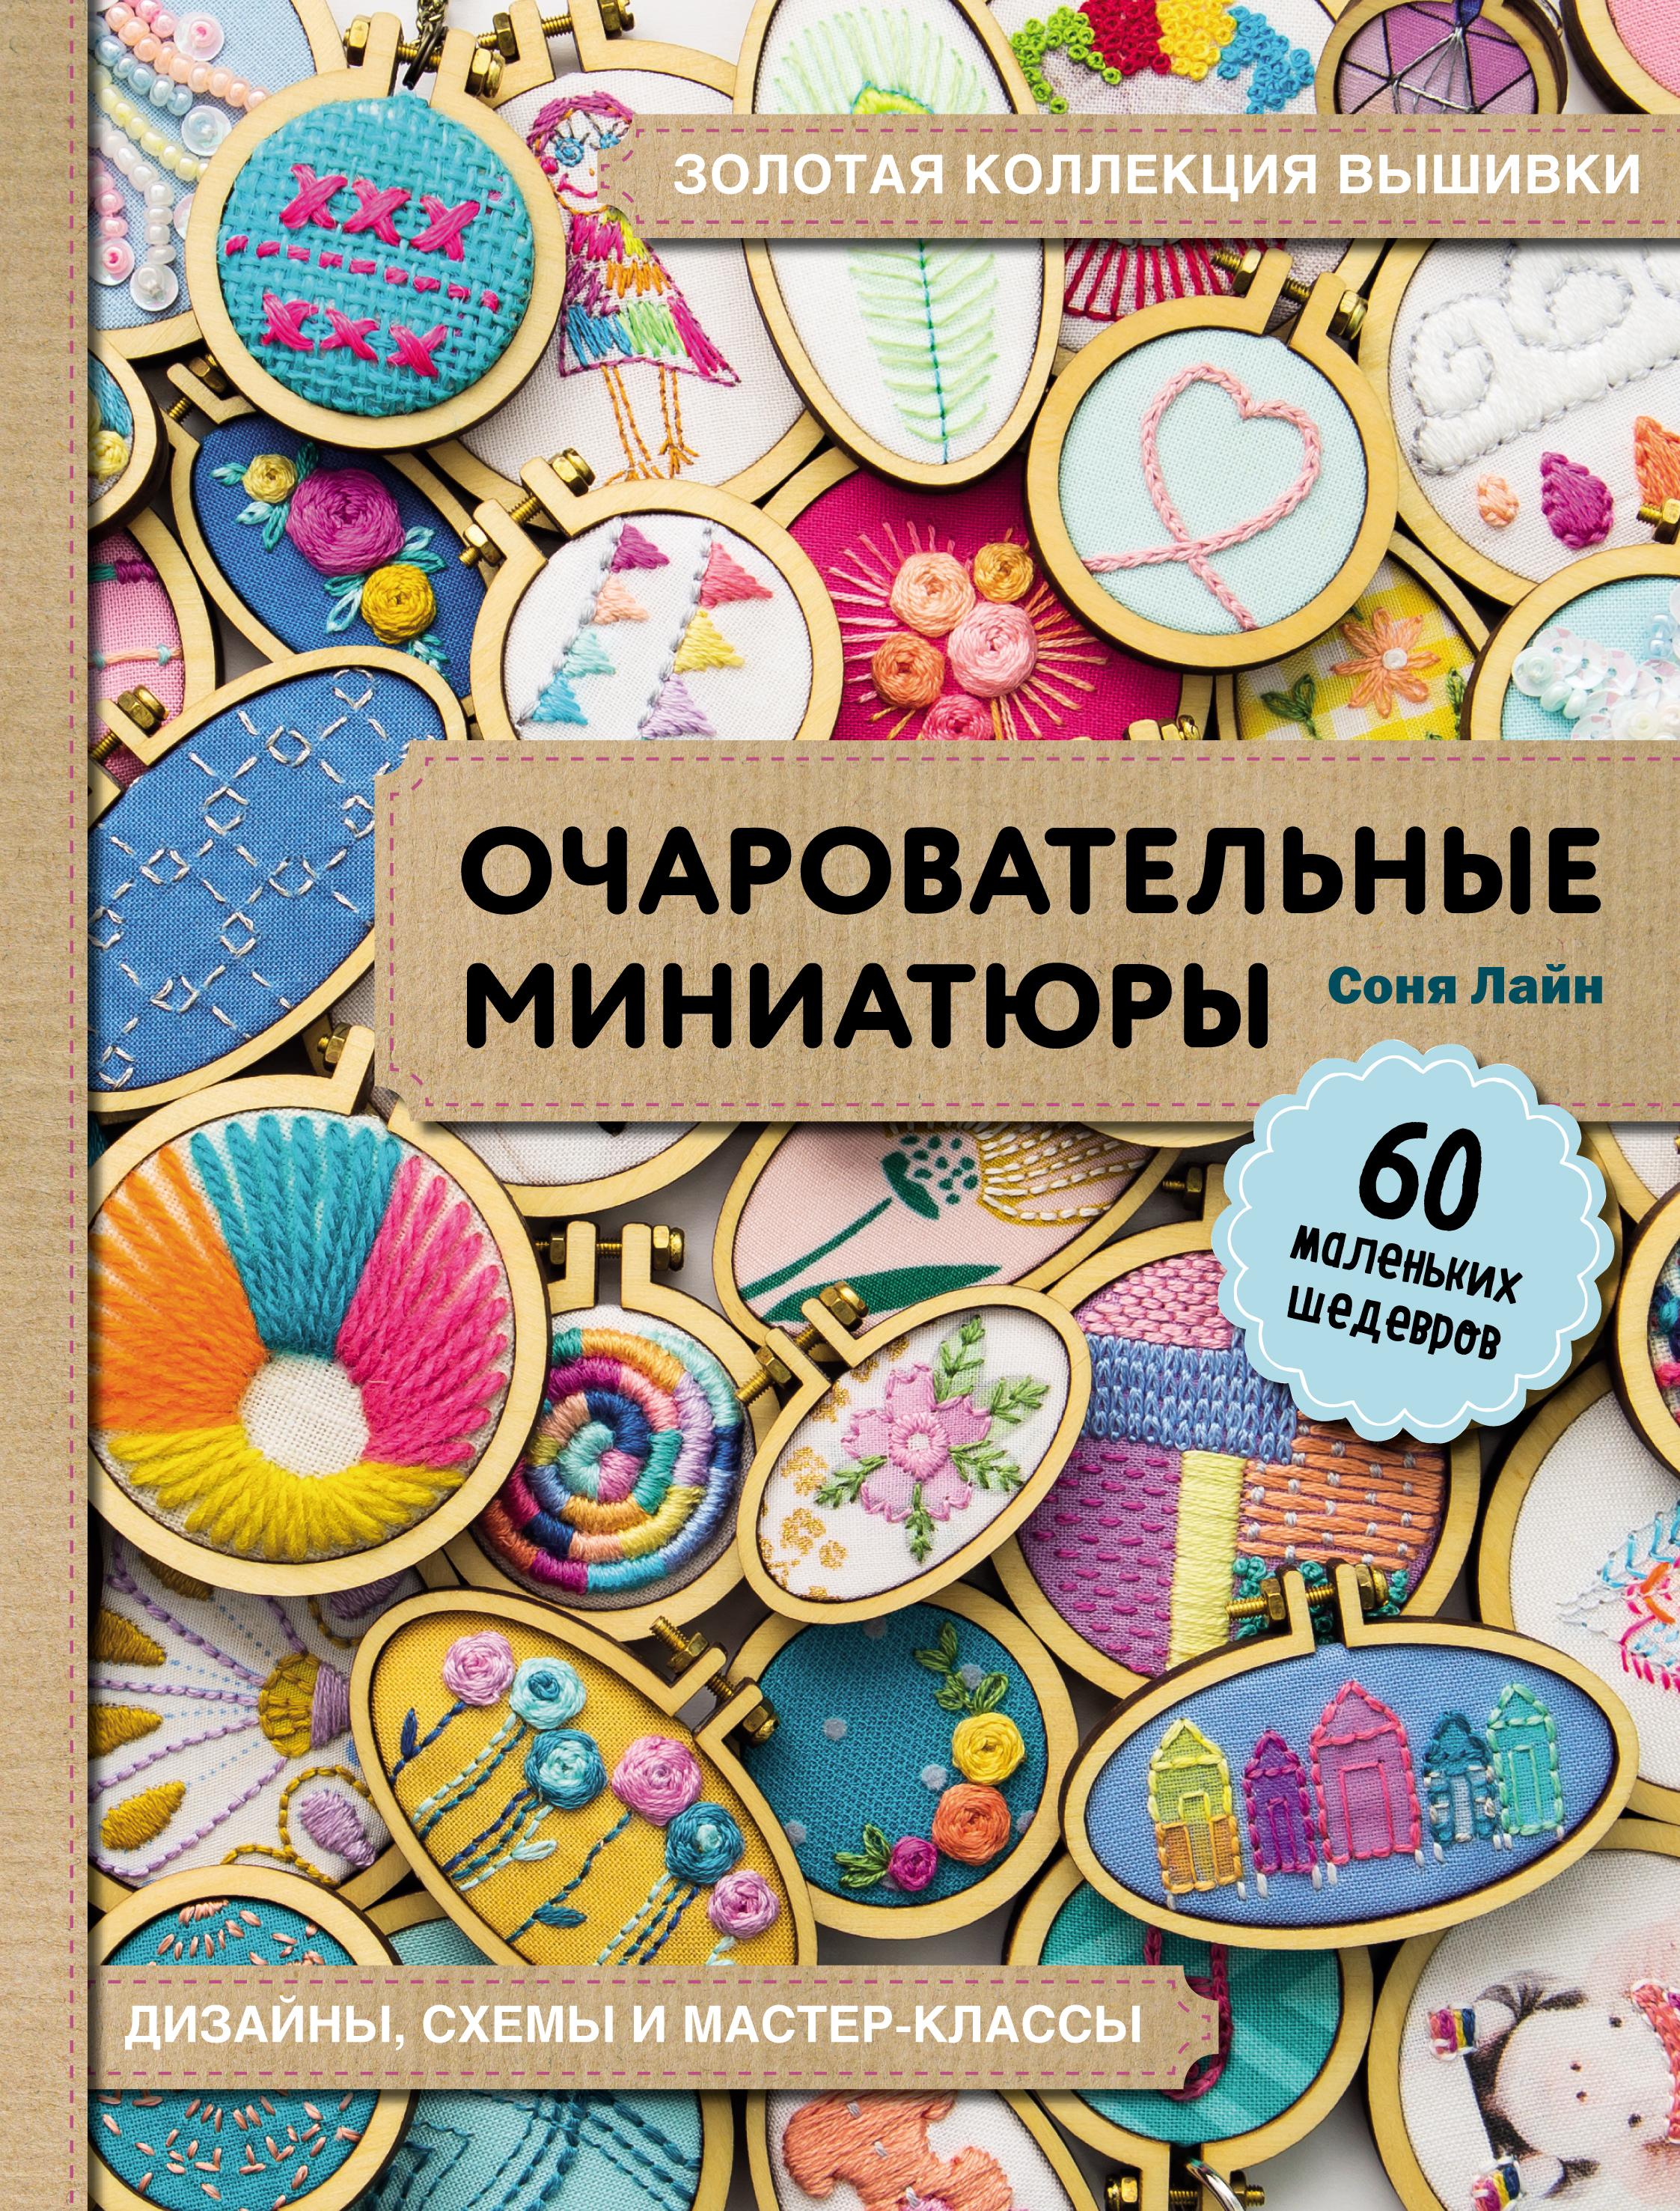 цена на Соня Лайн Золотая коллекция вышивки. Очаровательные миниатюры. 60 маленьких шедевров